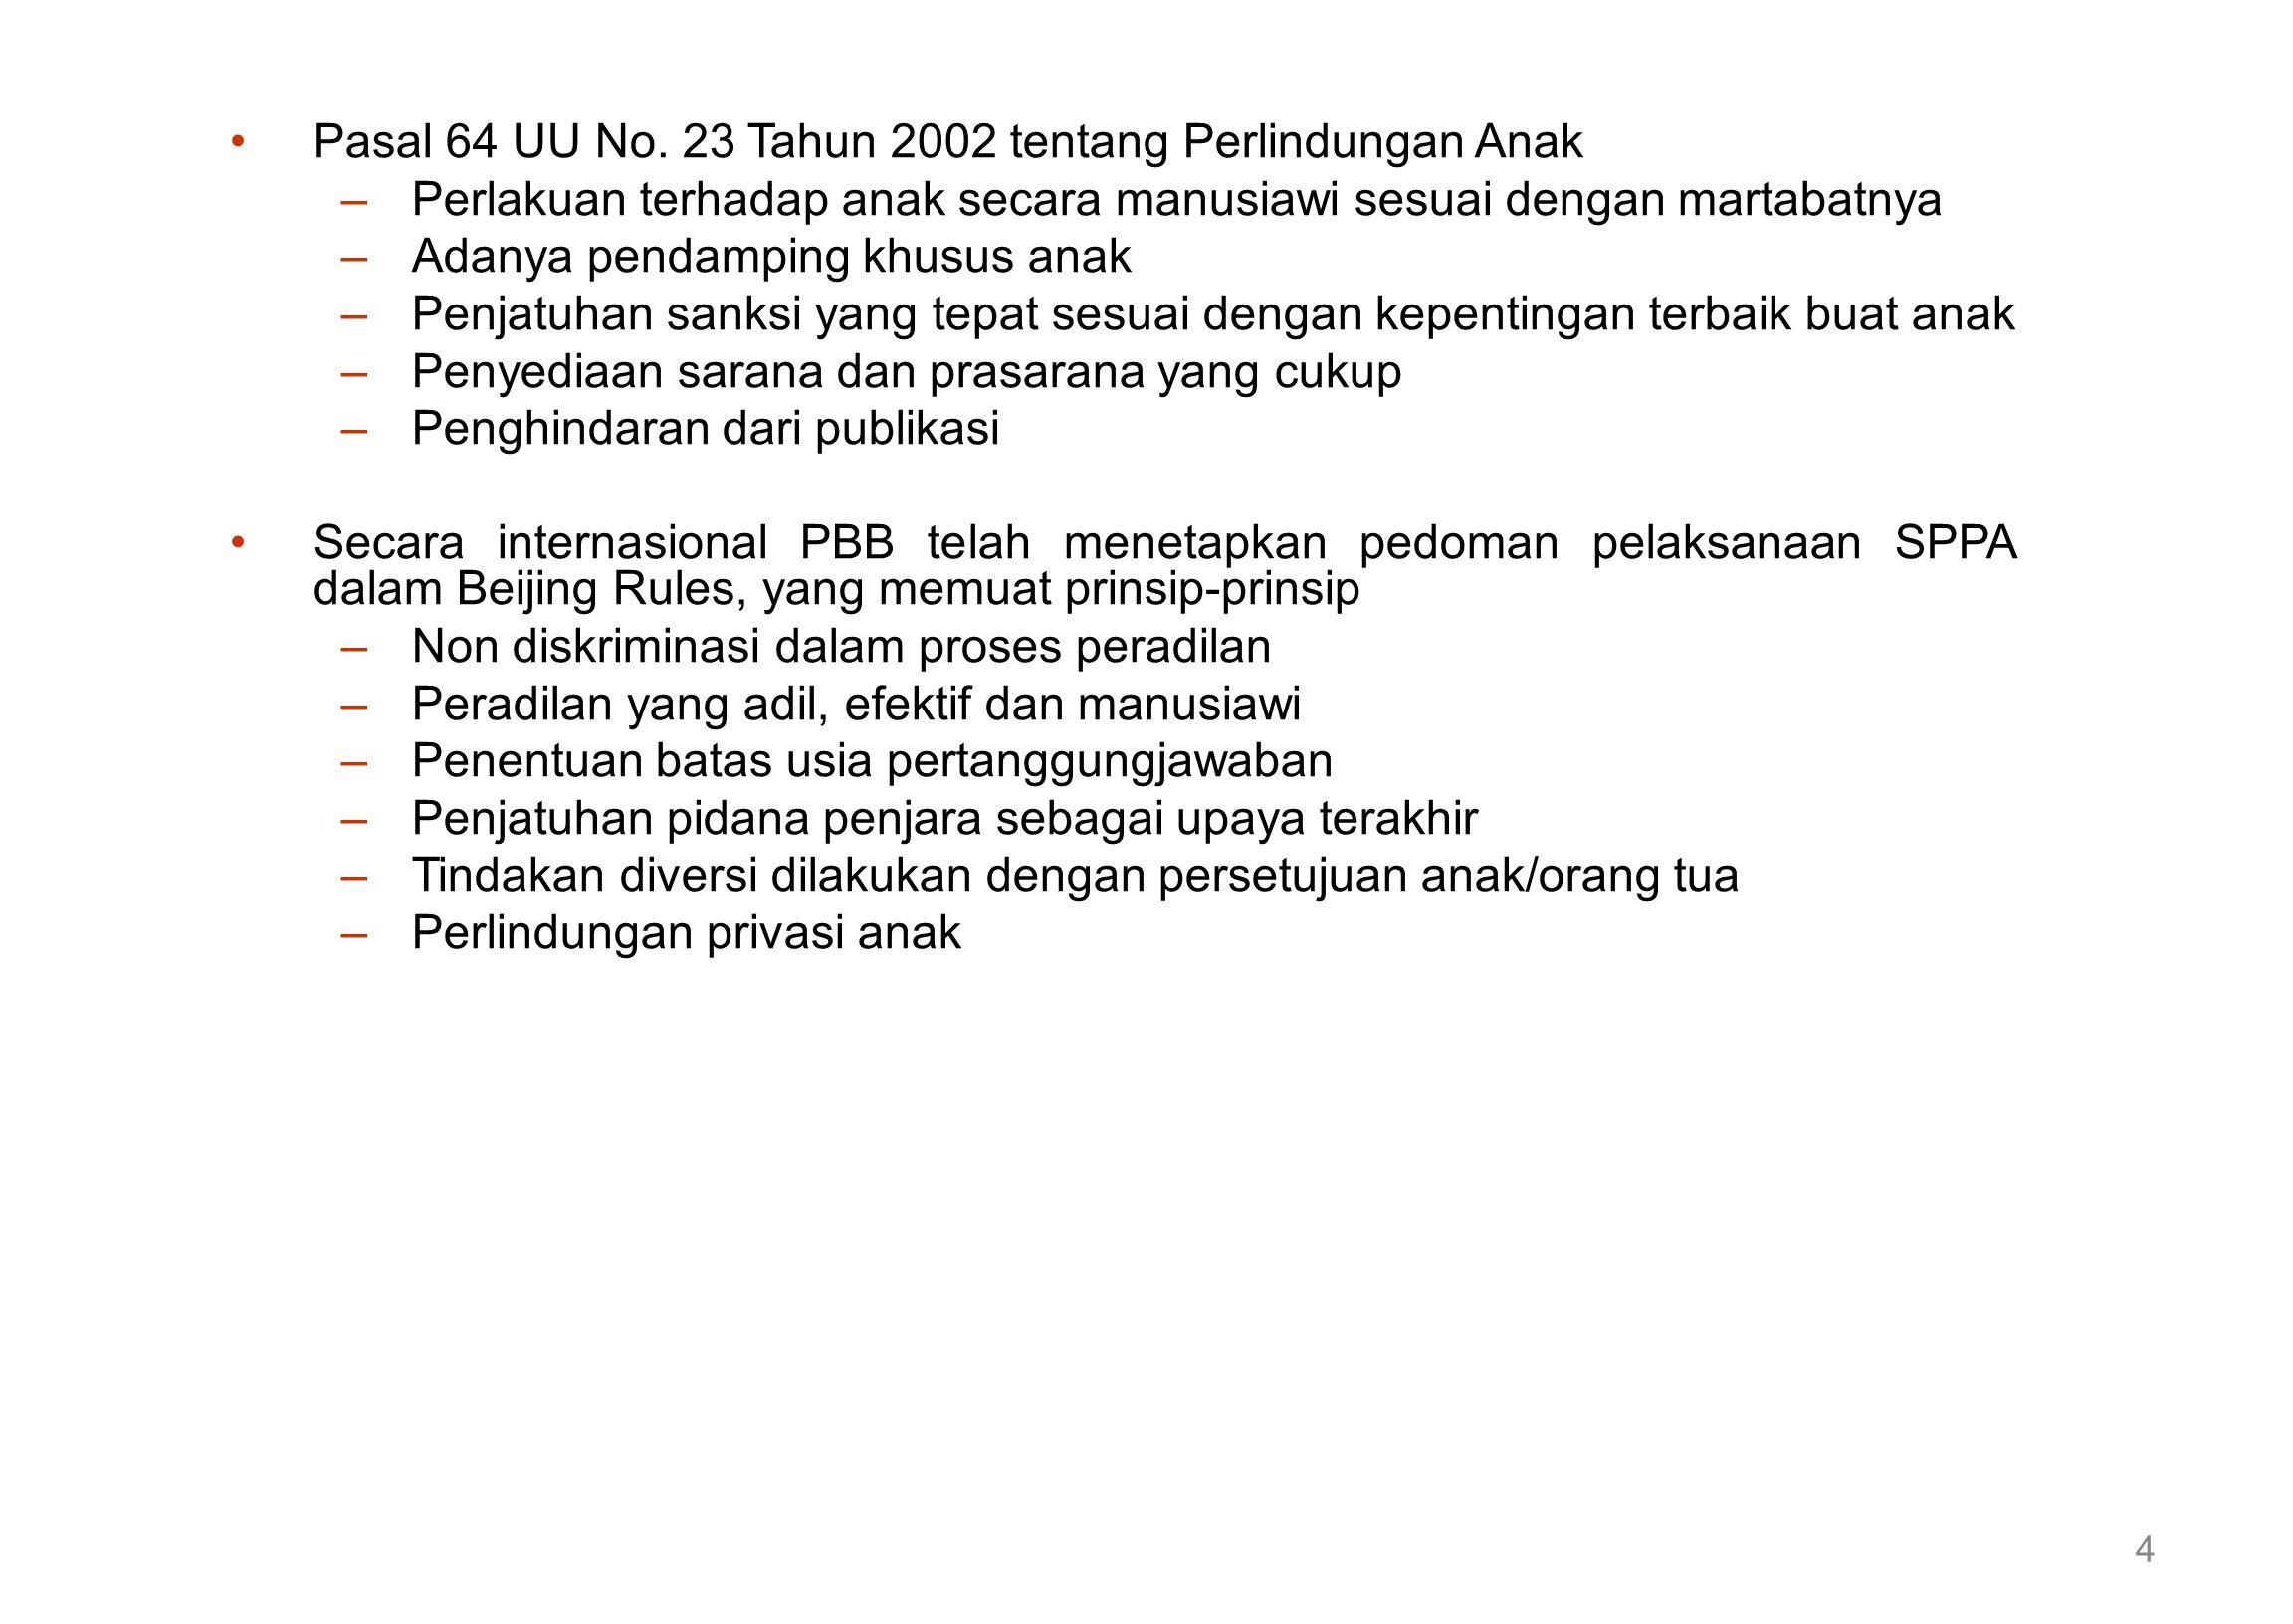 Pasal 64 UU No. 23 Tahun 2002 tentang Perlindungan Anak